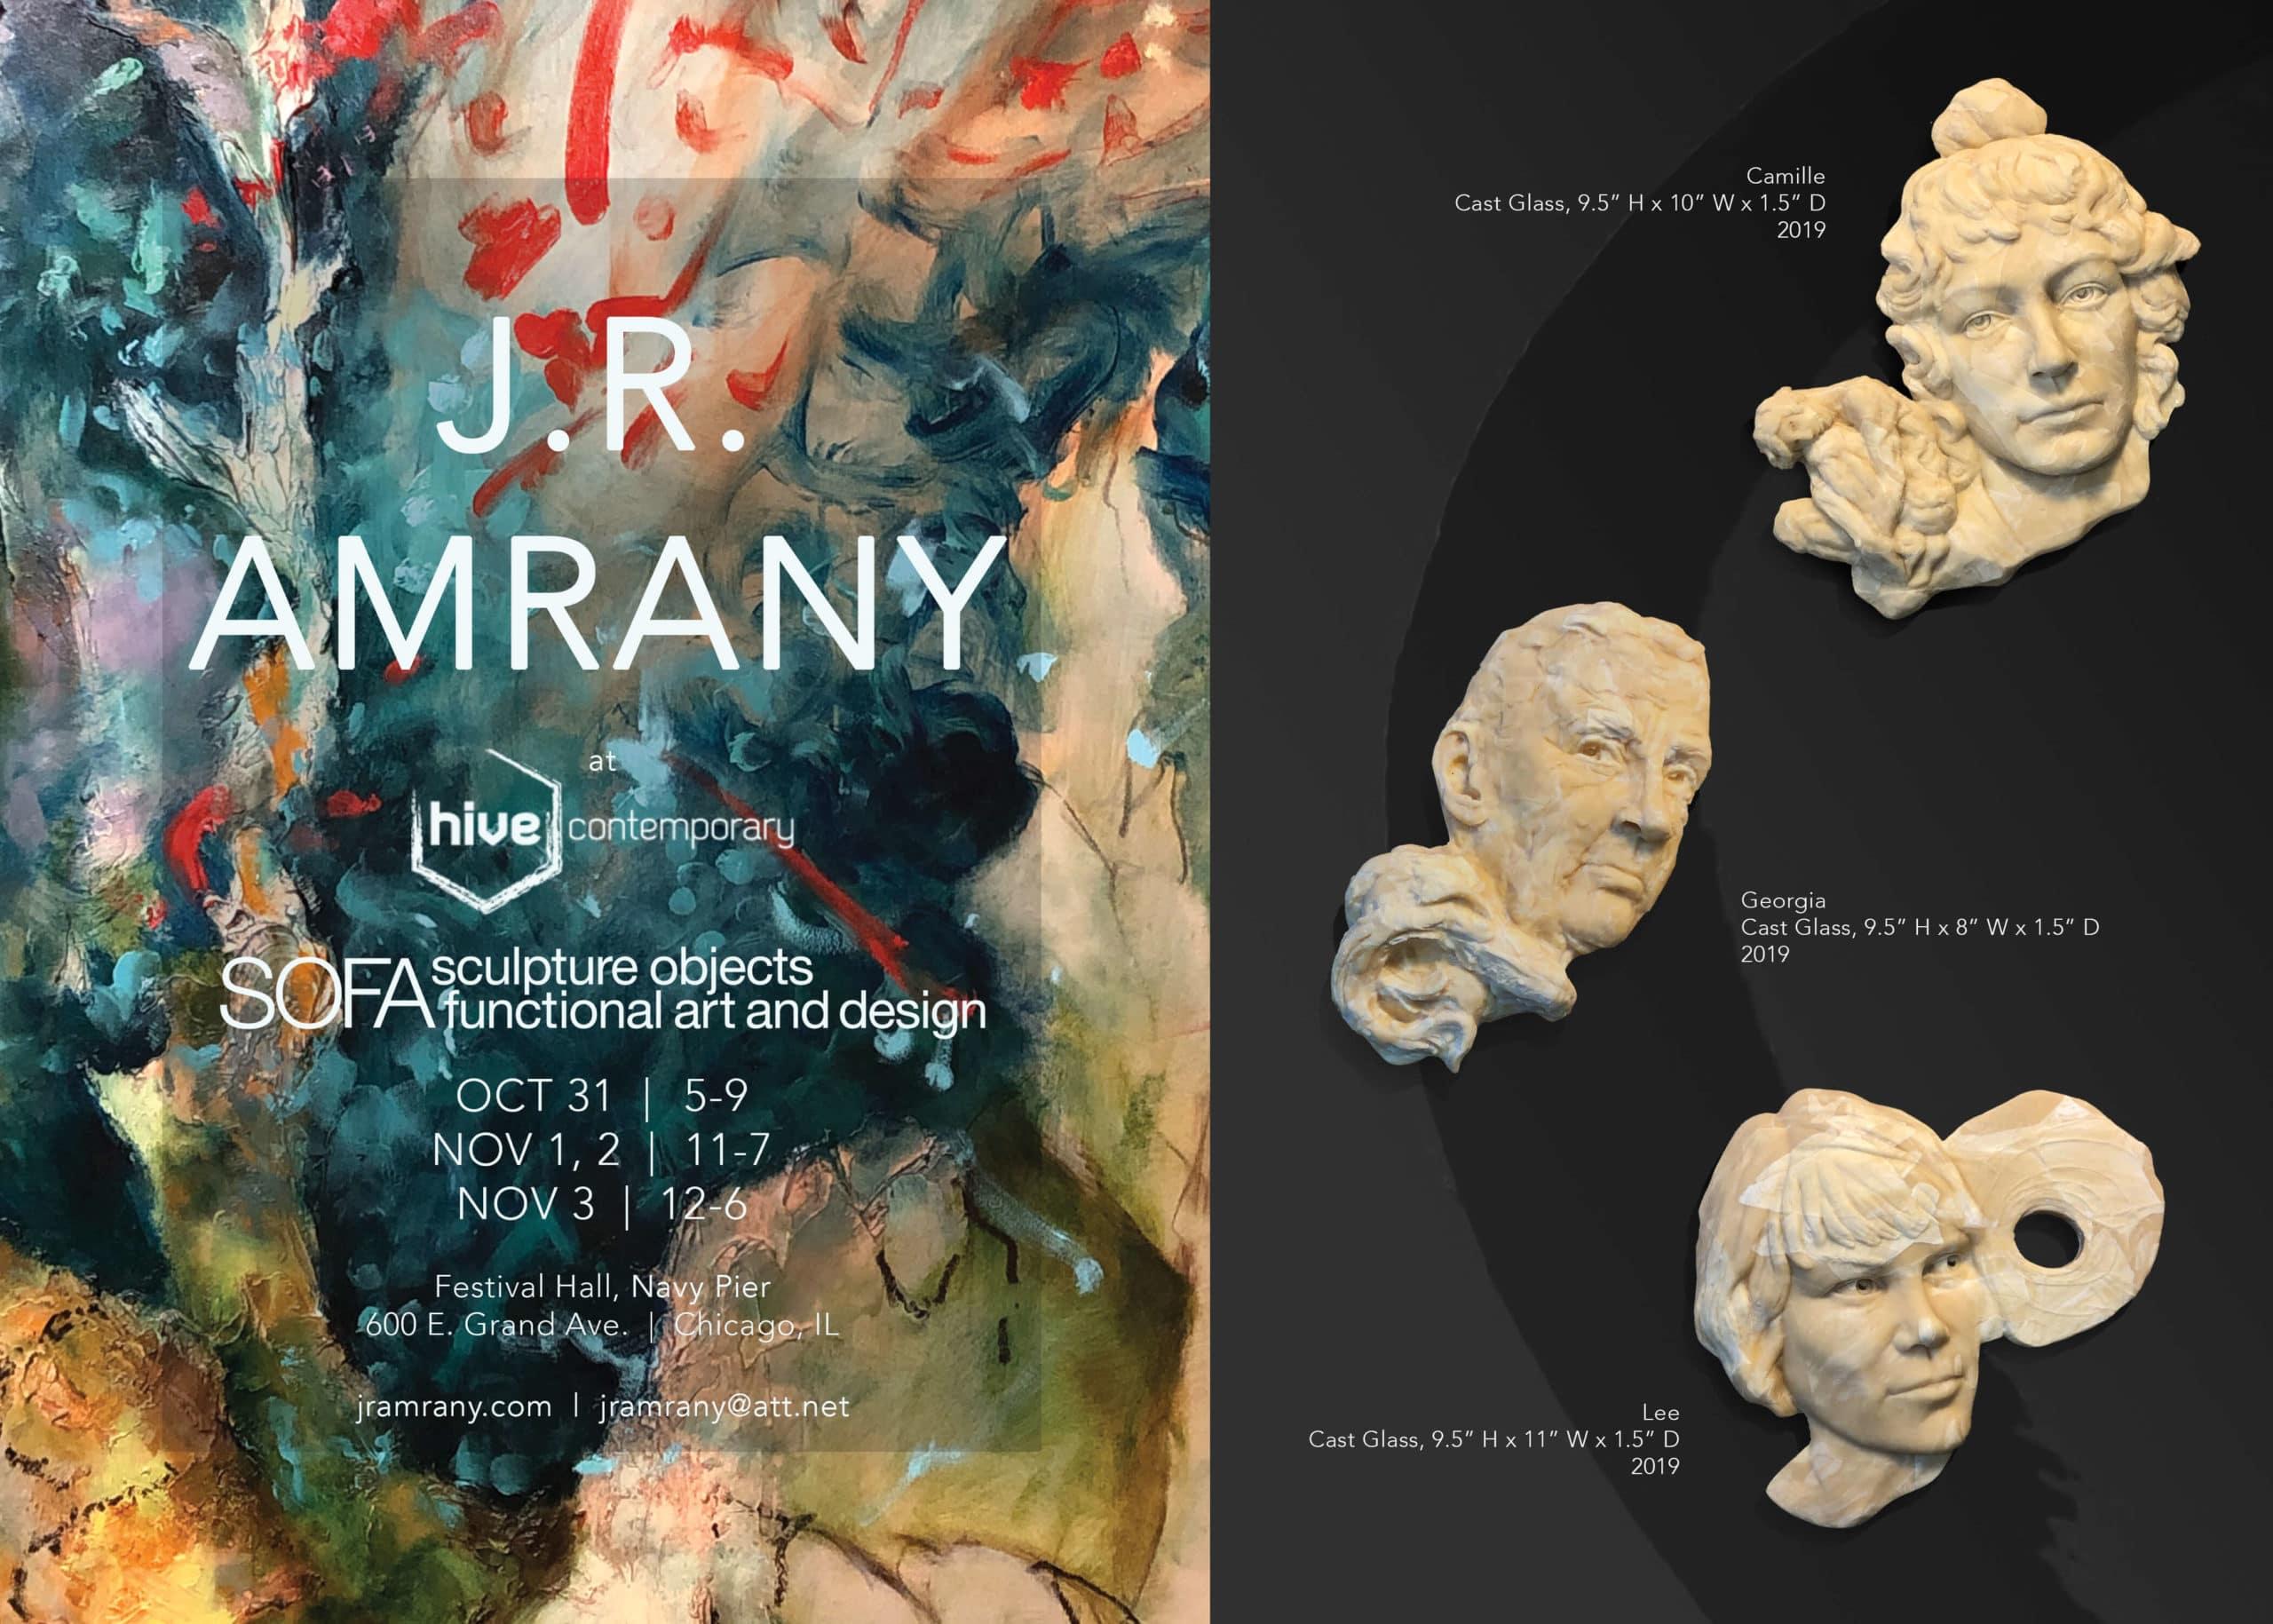 SOFA 2019 information regarding Julie Rotblatt-Amrany's artwork